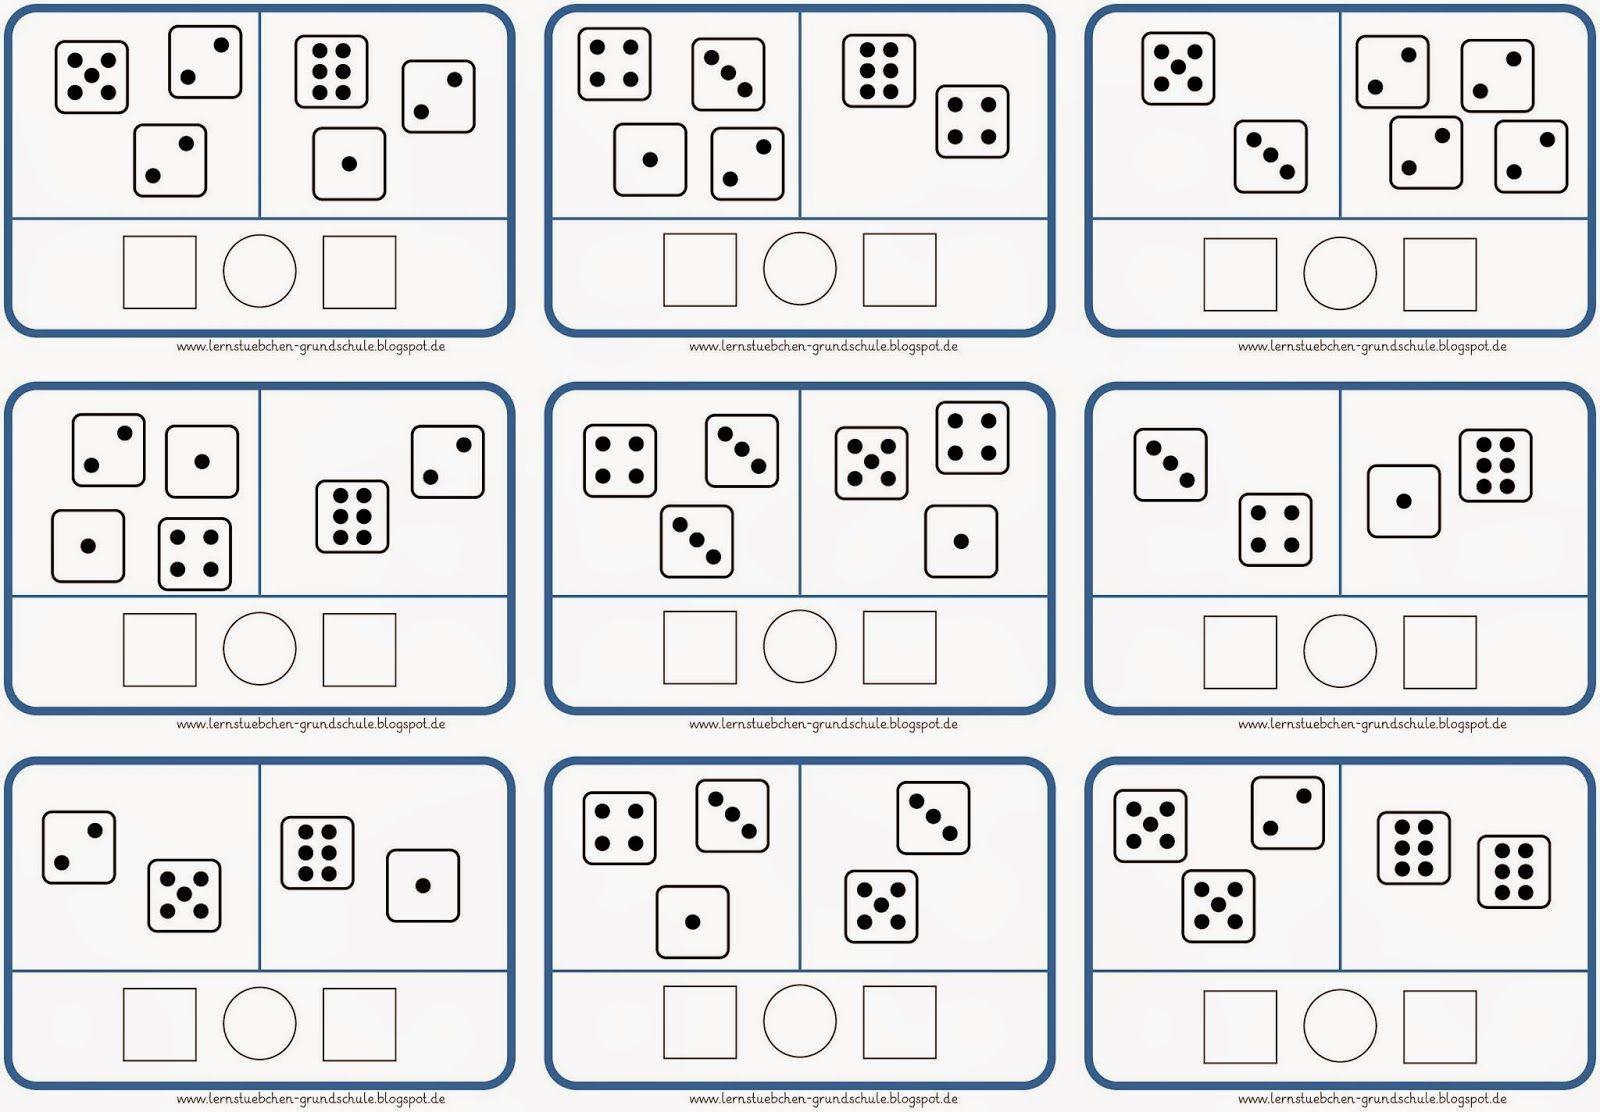 größer - kleiner - gleich (2) | Pinterest | Mathe, Schule und Mathematik